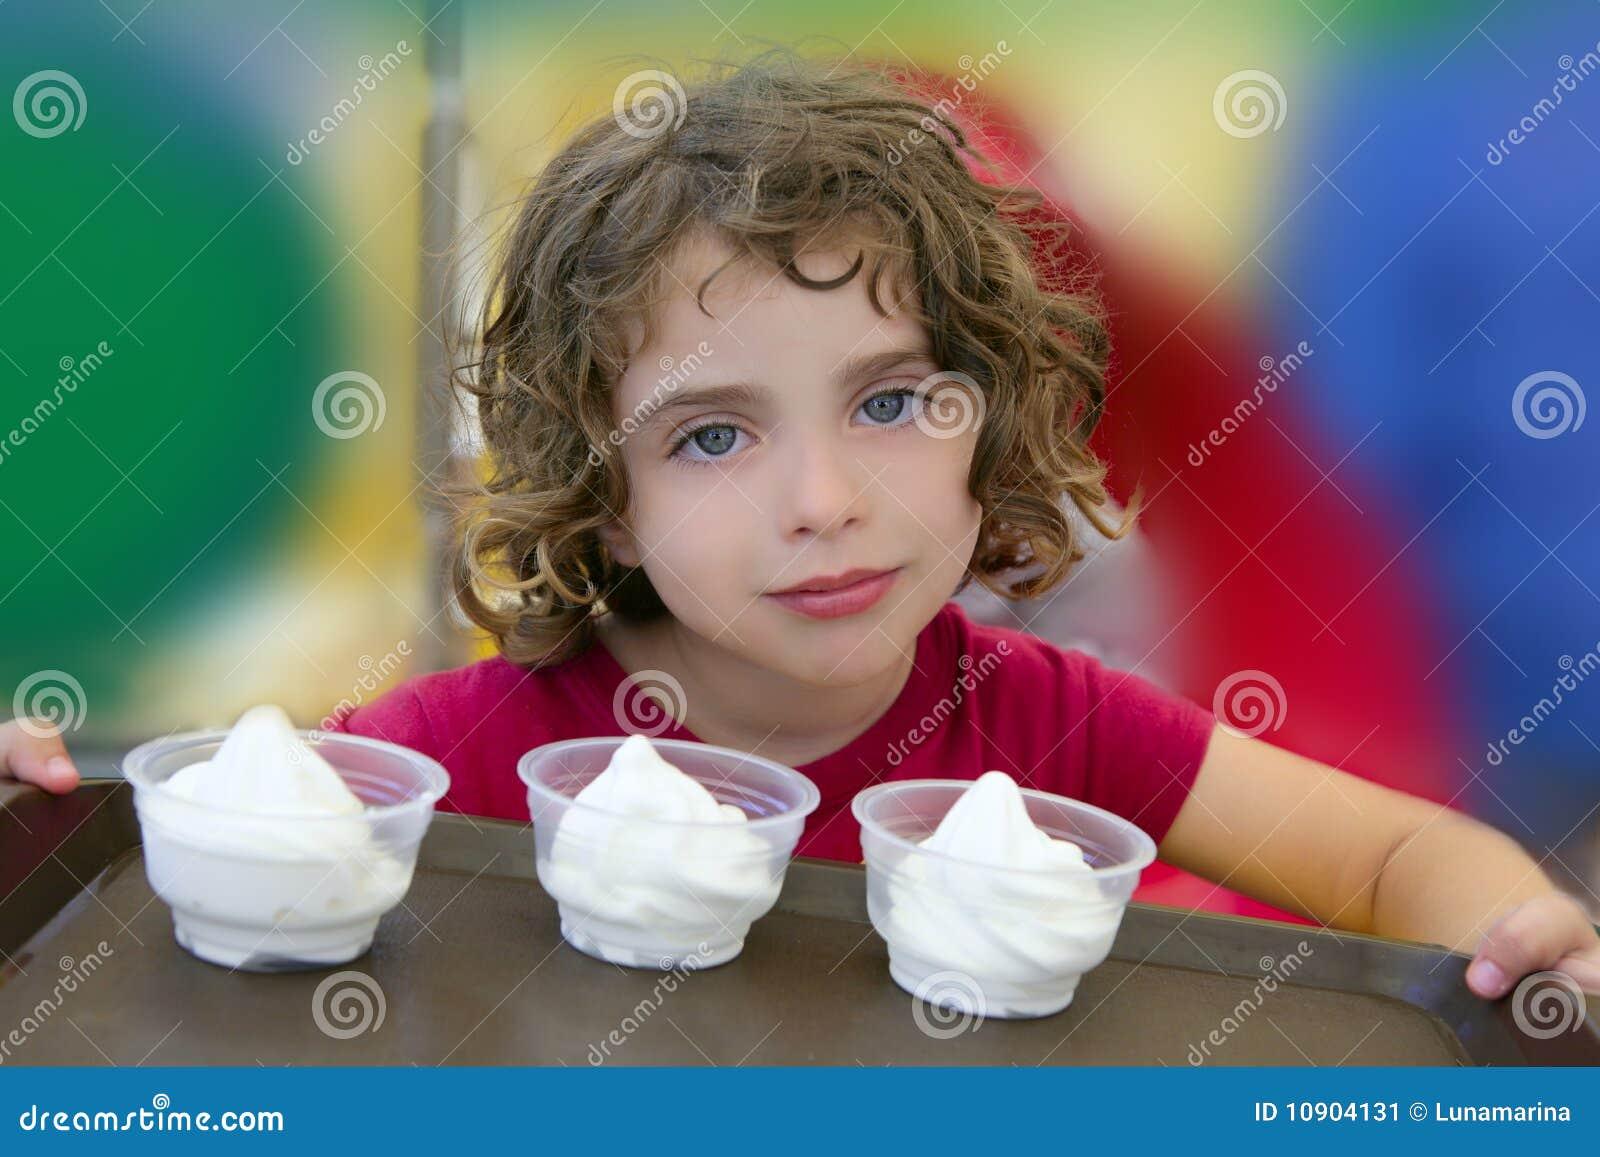 可爱的奶油色女孩藏品冰一点三